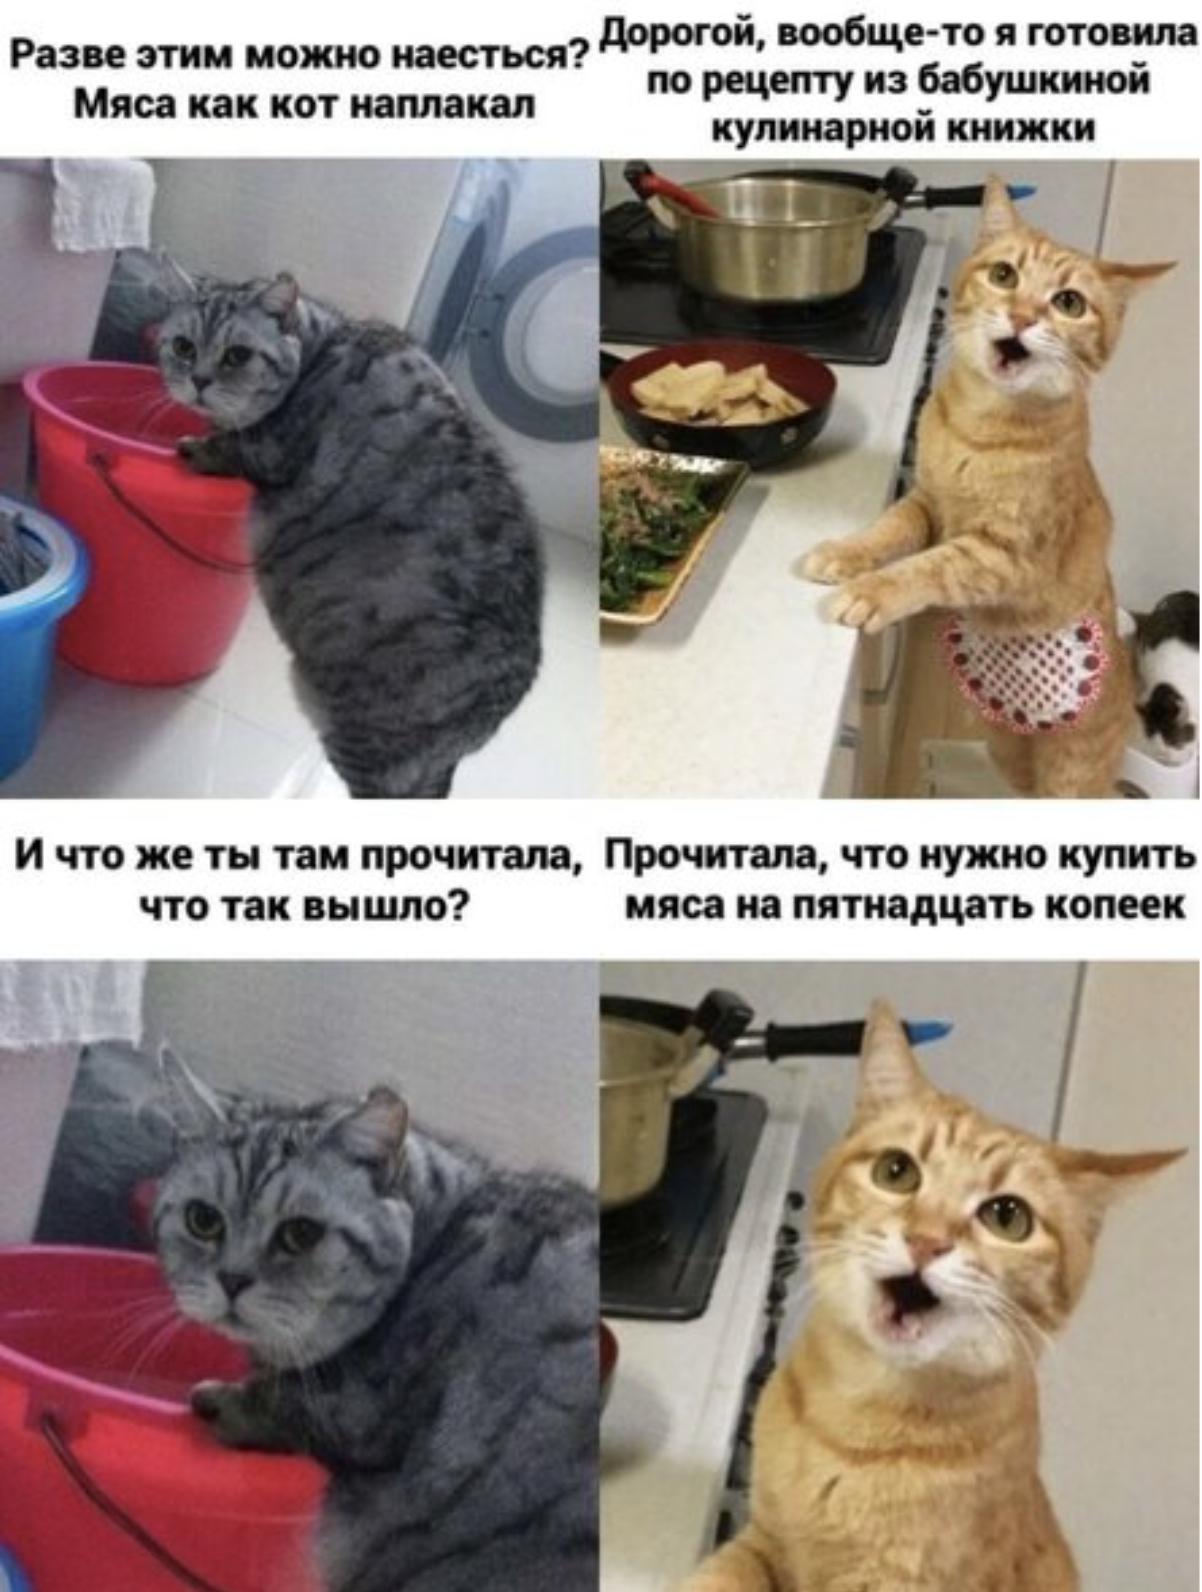 Забавные картинки с котами, которые точно поднимут настроение